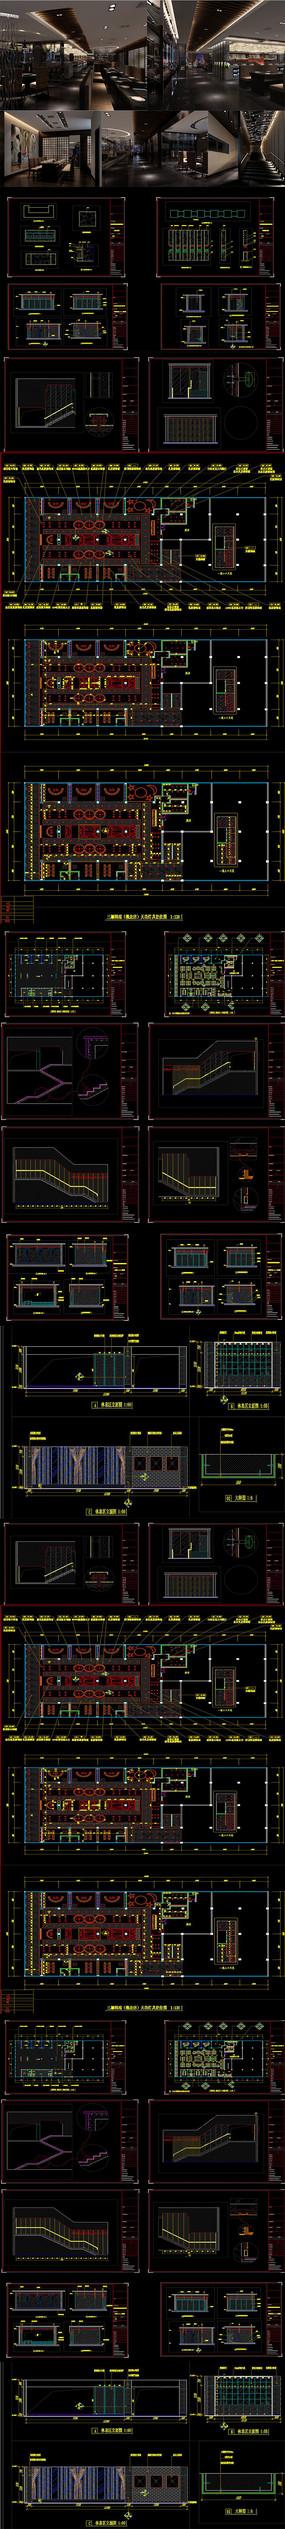 全套料理店CAD施工图